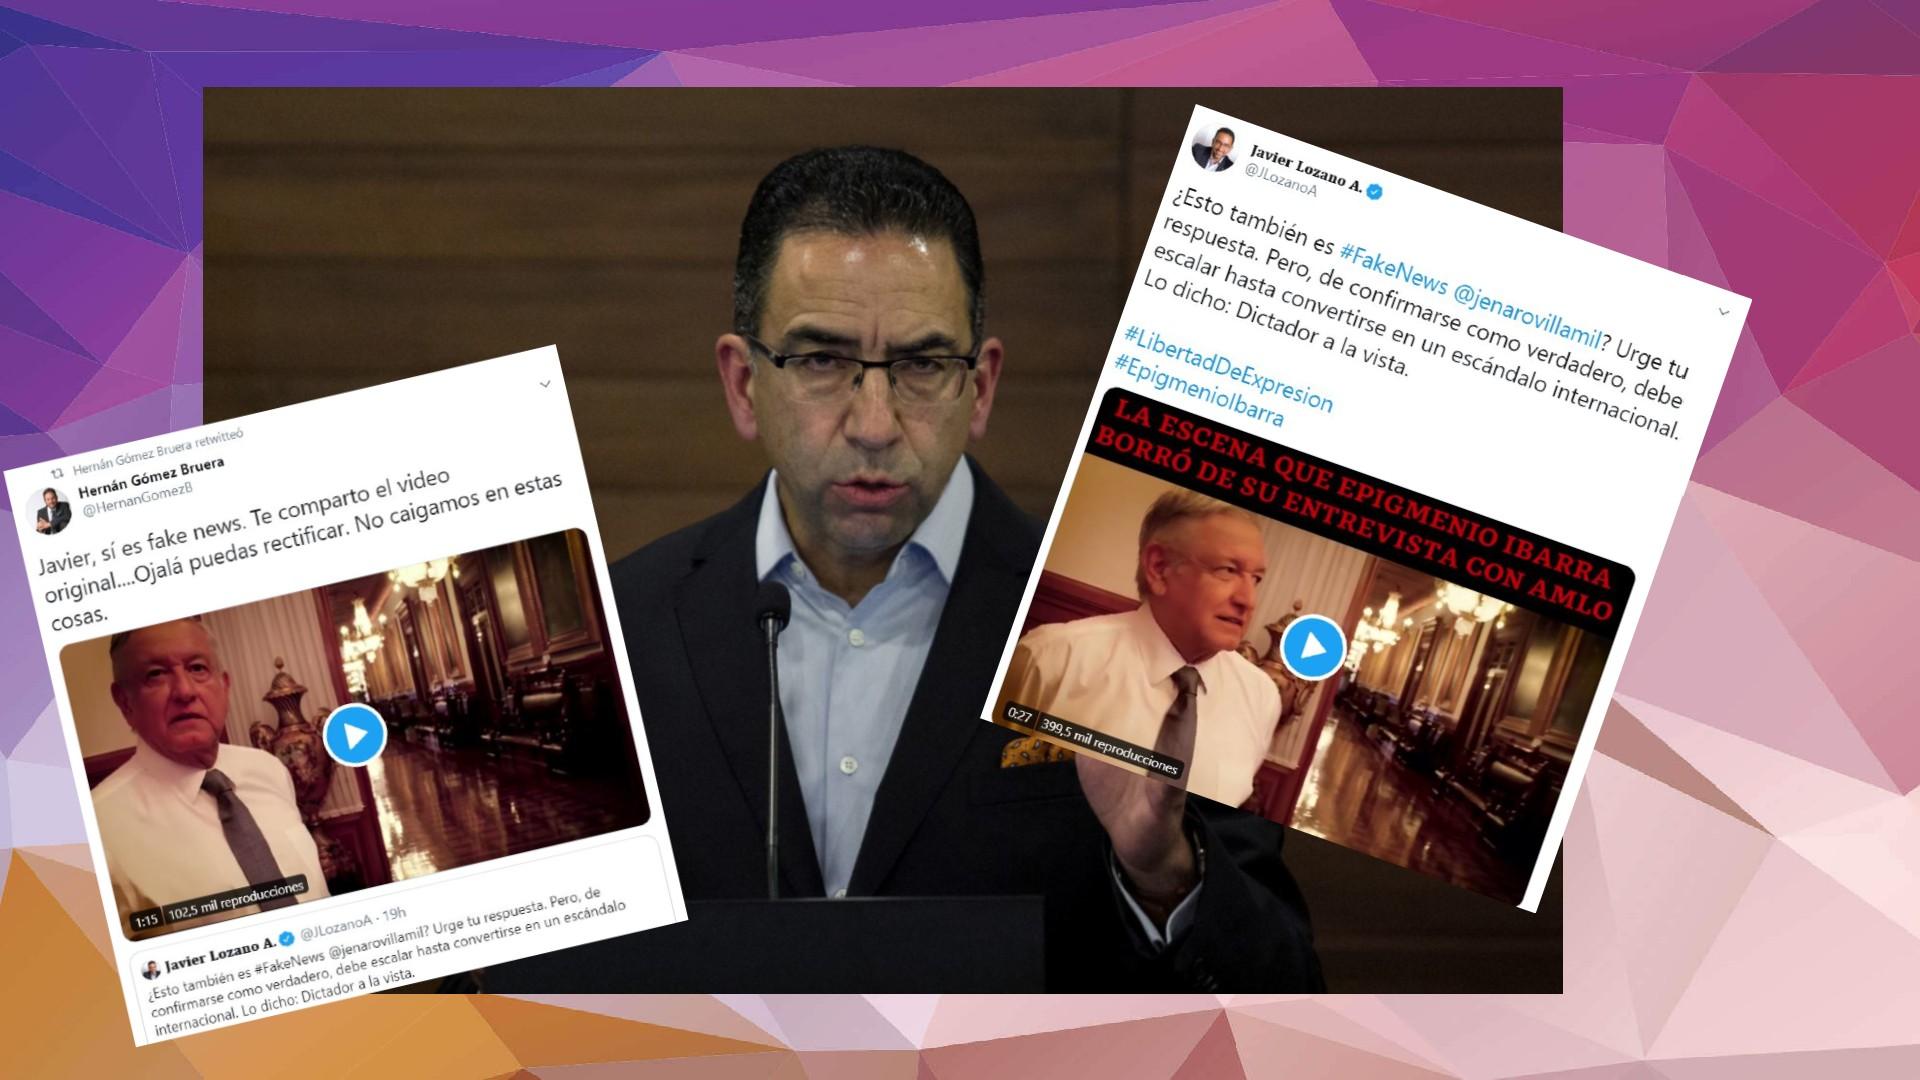 Javier Lozano cae en 'fake news' sobre AMLO y lo trollean